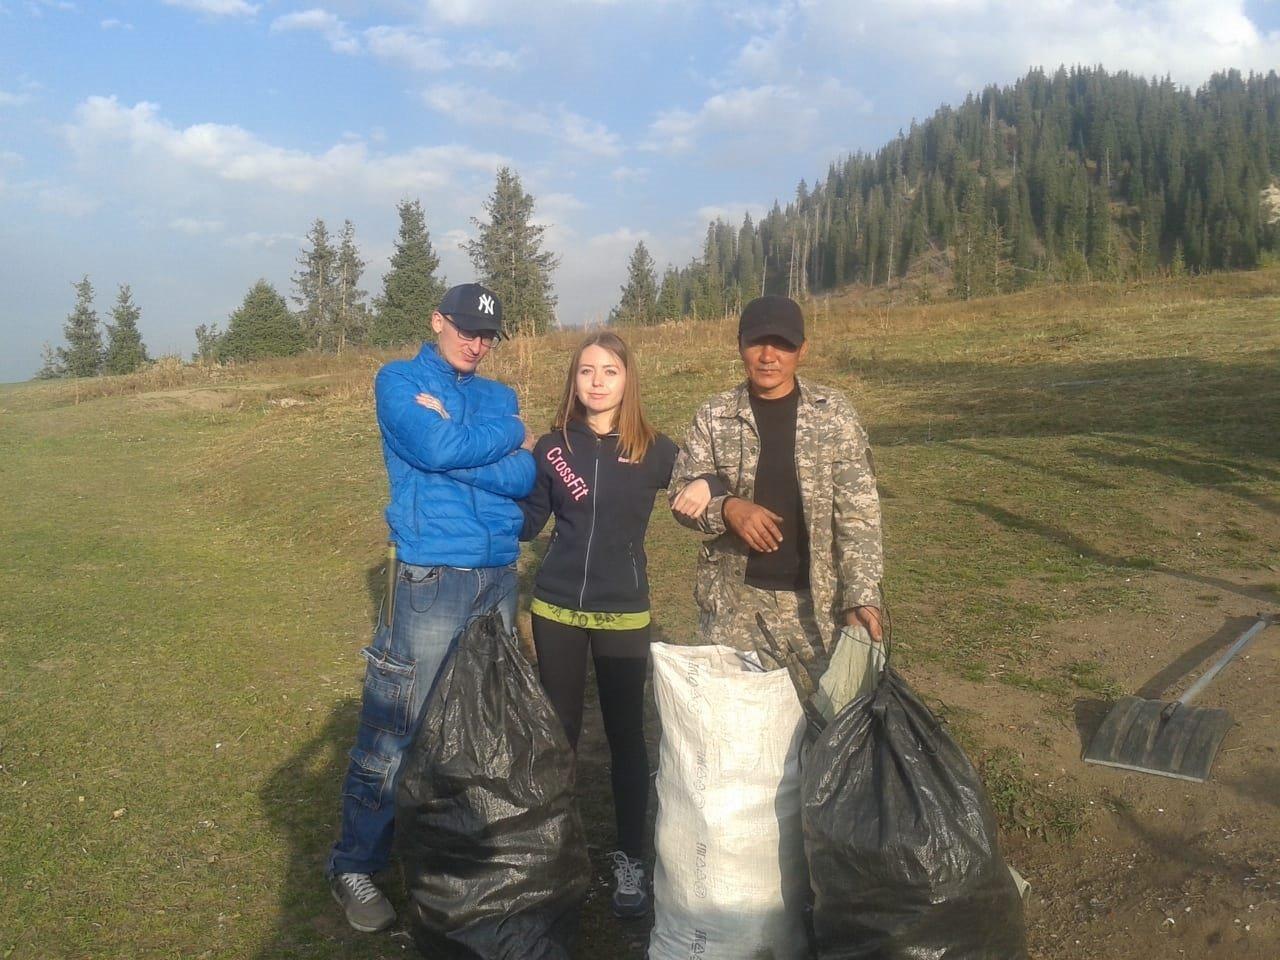 Горы мусора оставили отдыхающие в Кок-Жайляу - урочище привели в порядок, фото-6, Фото управление туризма Алматы